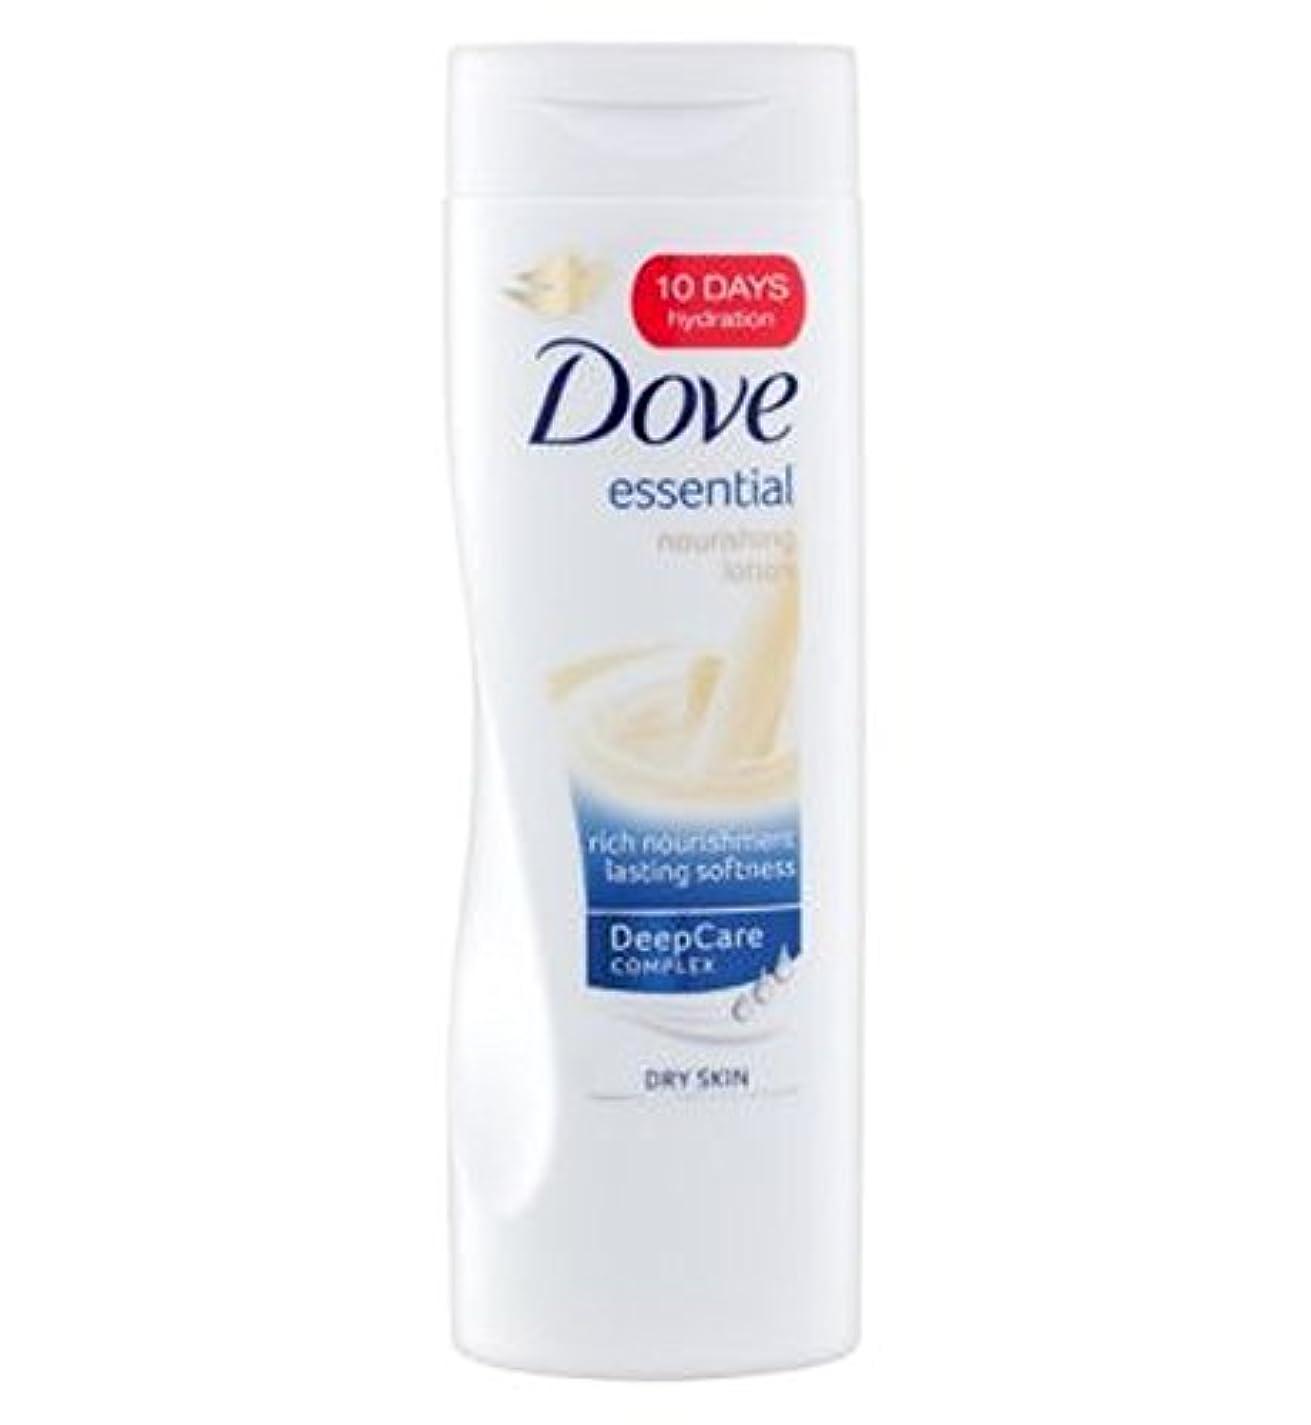 裂け目ゲーム教義Dove Essential Nourishing Lotion Dry Skin 400ml - 鳩不可欠な栄養ローション乾燥肌用400ミリリットル (Dove) [並行輸入品]